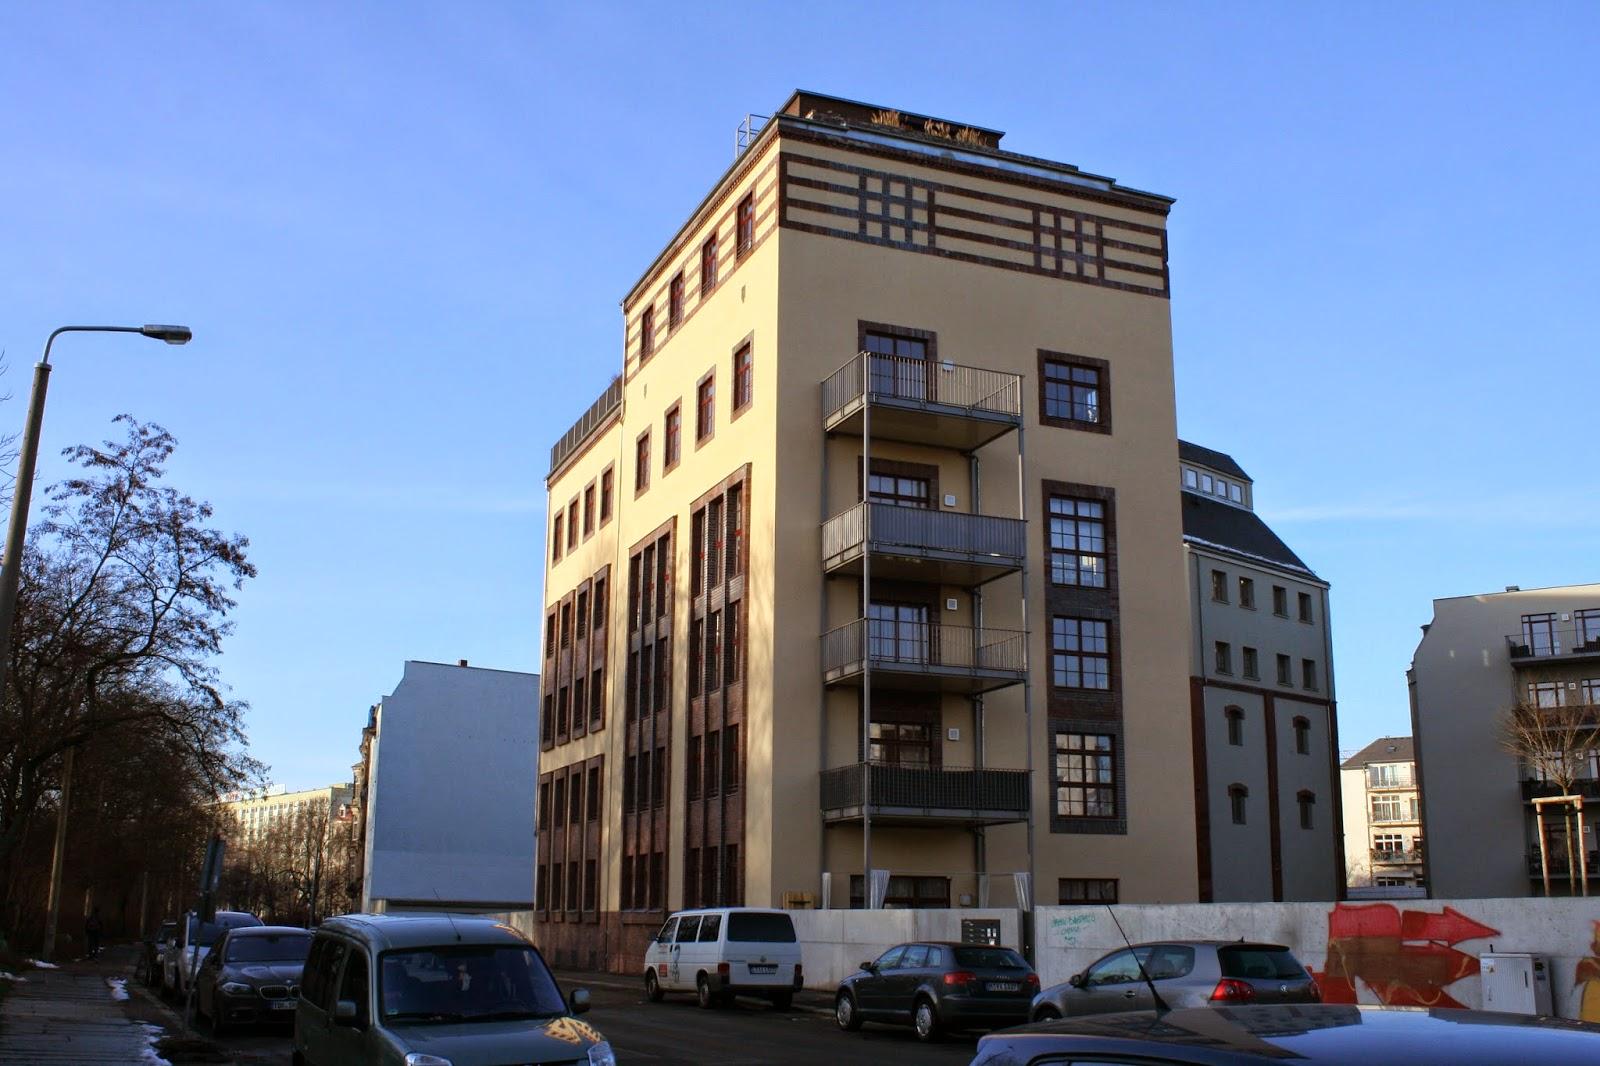 Die Brauerei hatte die Braurechte am 10. Januar 1827 von Friedrich August König von Sachsen, damals noch an einem anderen Standort, erteilt bekommen